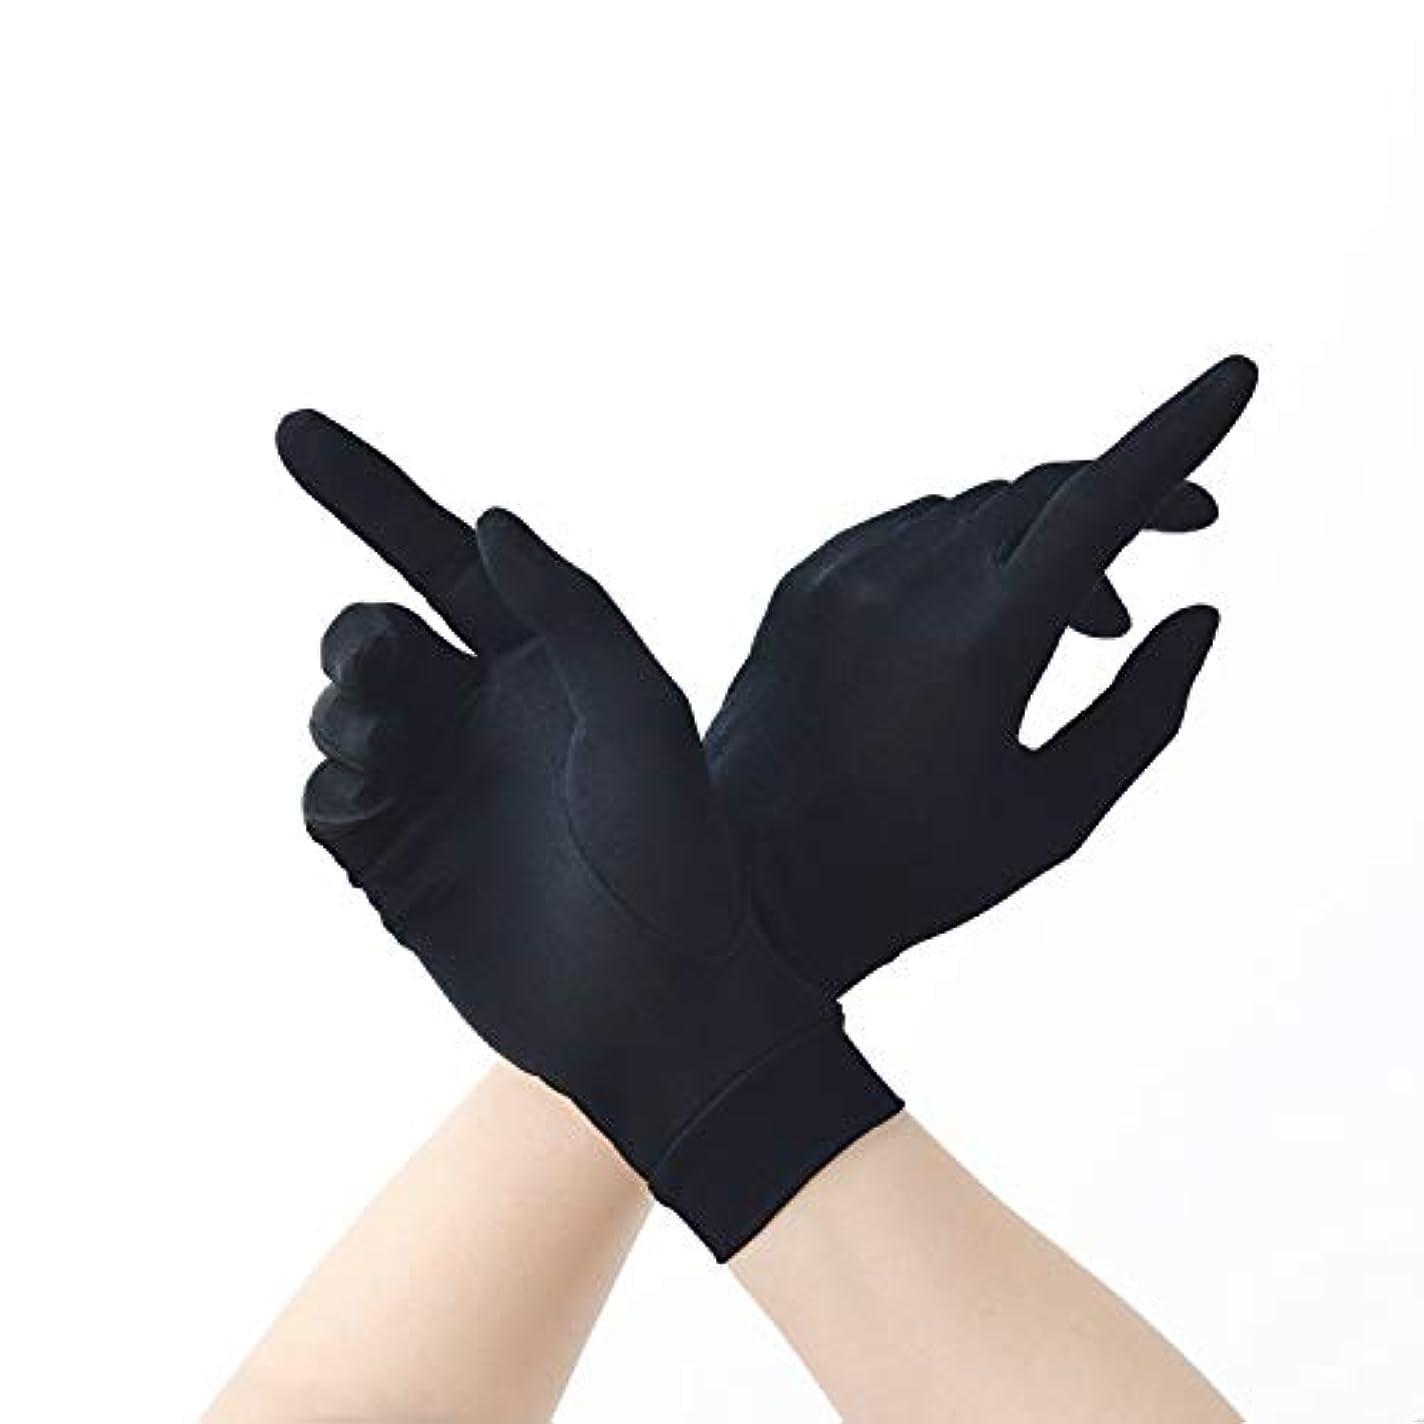 シーズンテープ話す保湿 夏 ハンド 手袋 シルク 紫外線 日焼け防止 手荒い おやすみ 手触りが良い ケア レディース